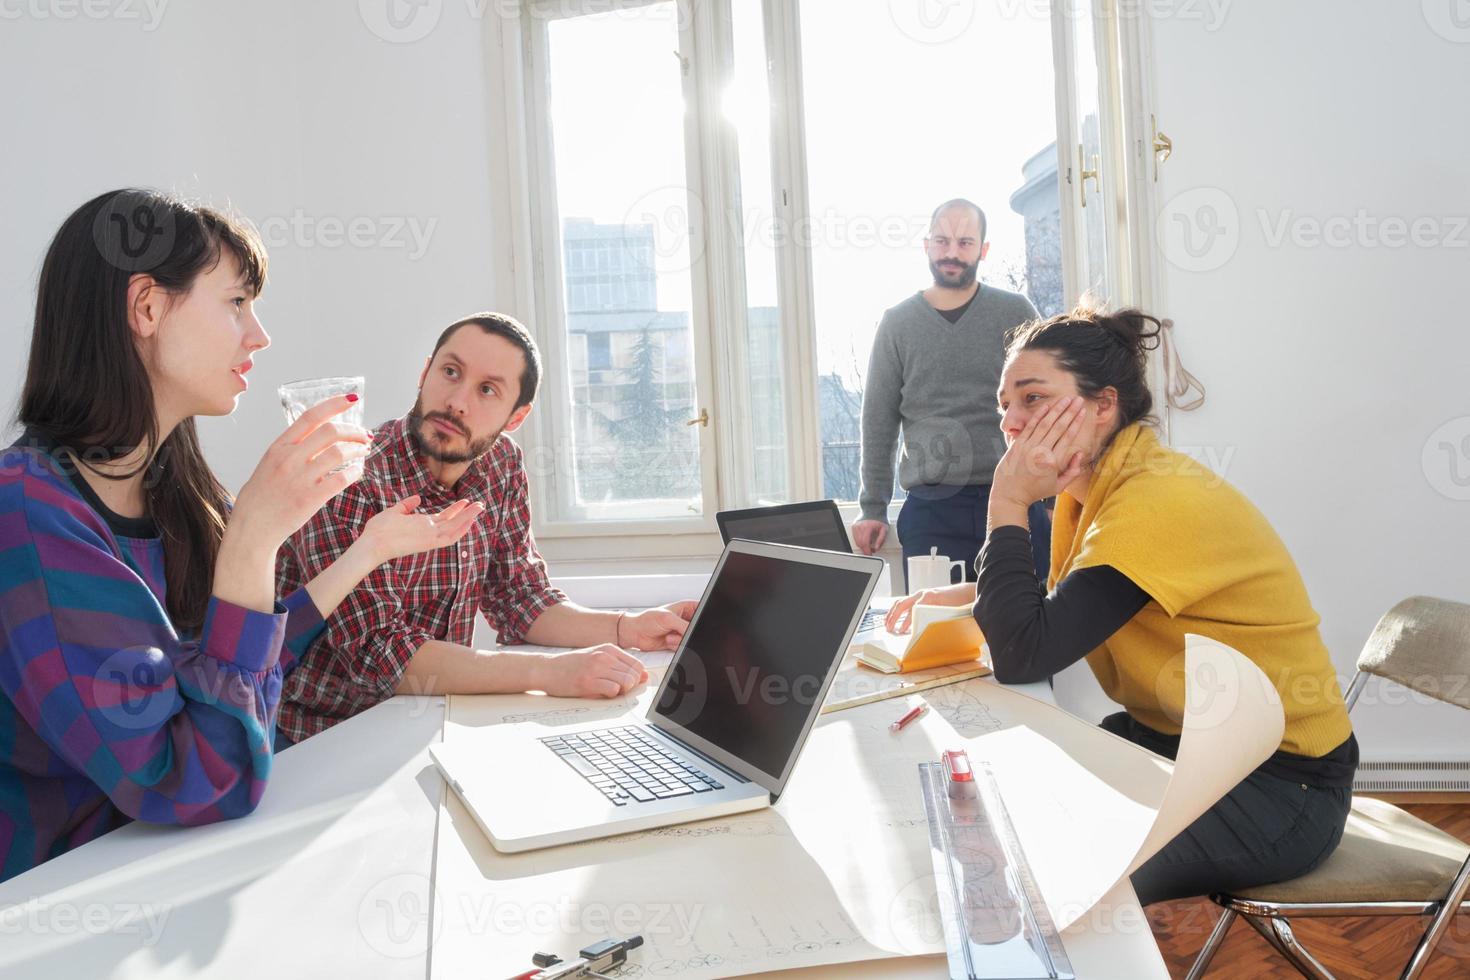 junge Gruppe von Menschen / Architekten diskutieren Geschäftspläne foto